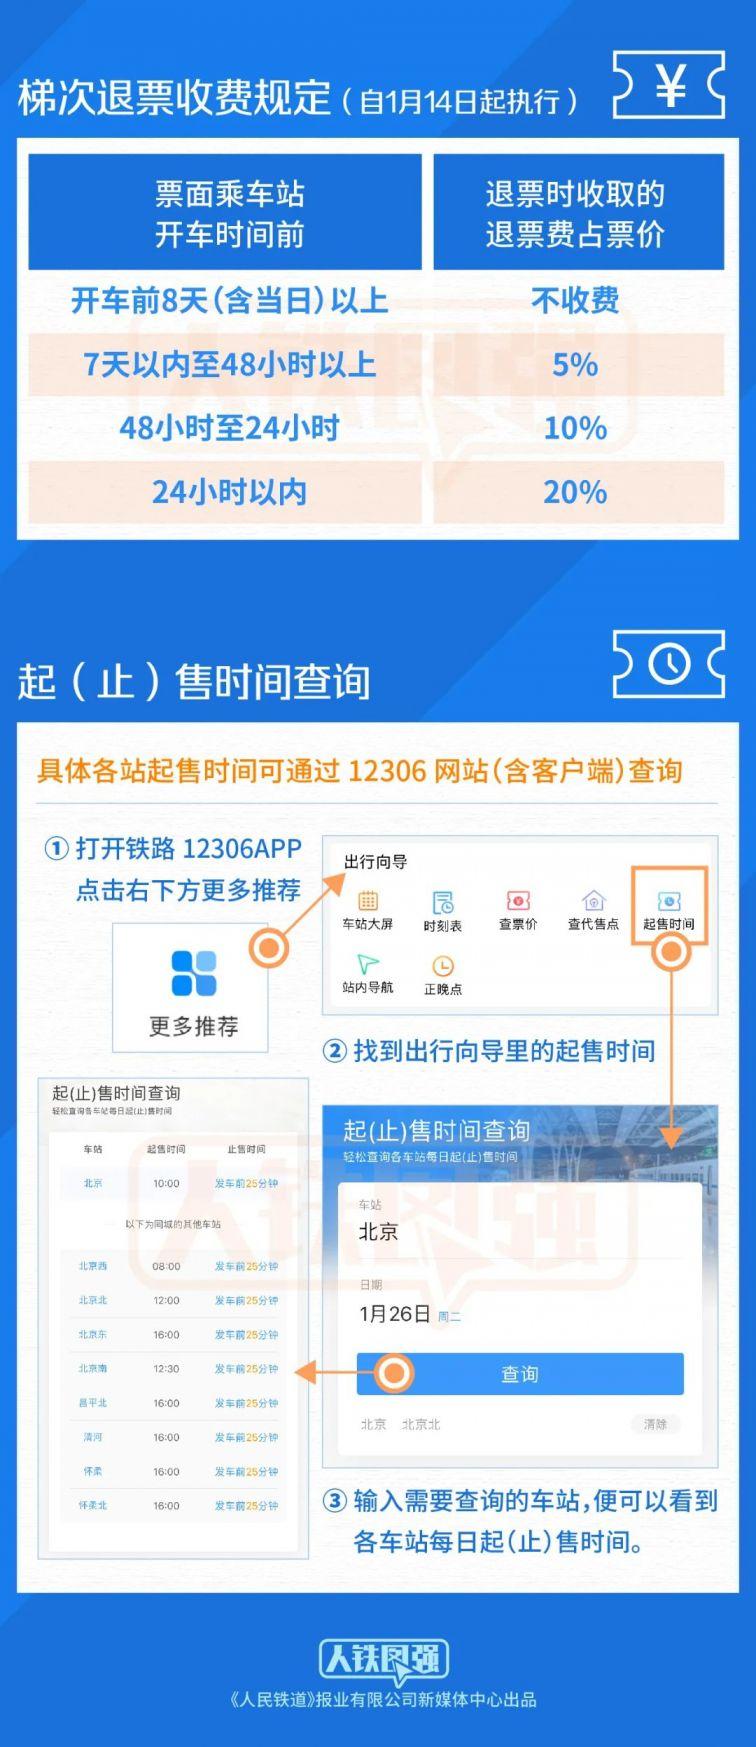 2021铁路车票预售期调整为15天(附购票日历)